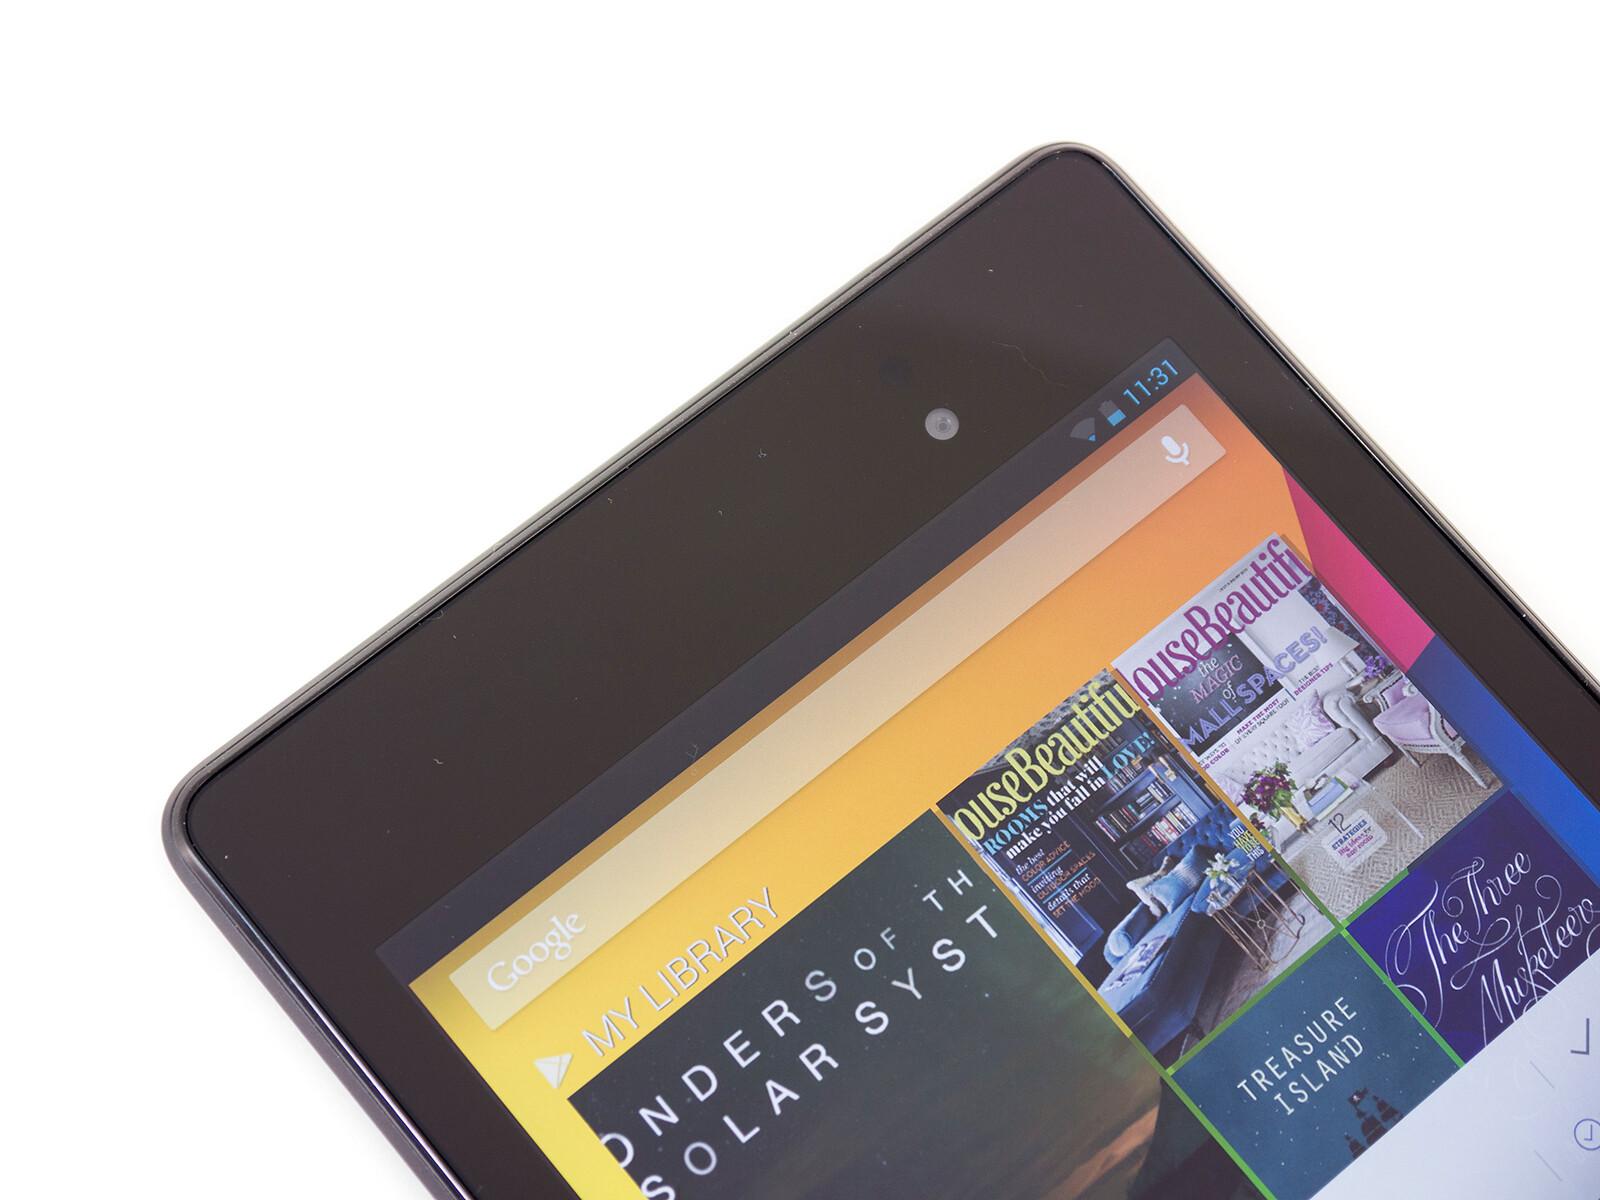 Bản nâng cấp cho Nexus 7 (2013) đã được tiết lộ - 30973